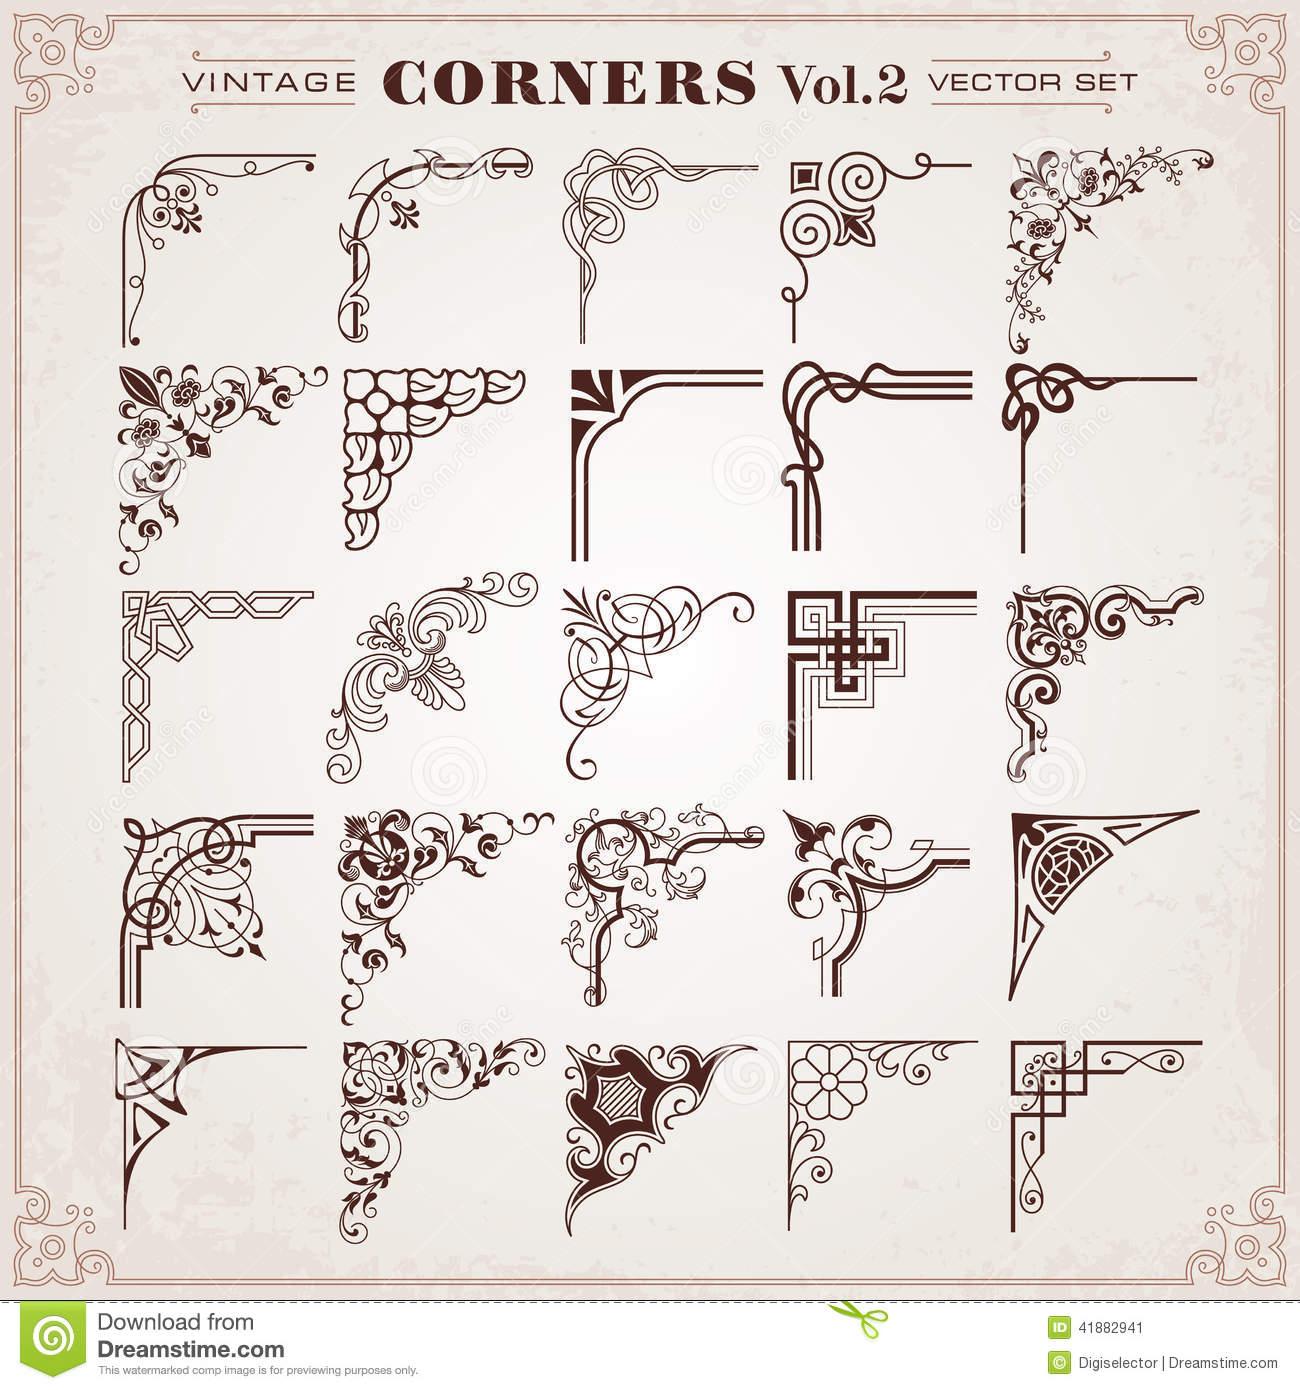 14 Vintage Corner Design Elements Images